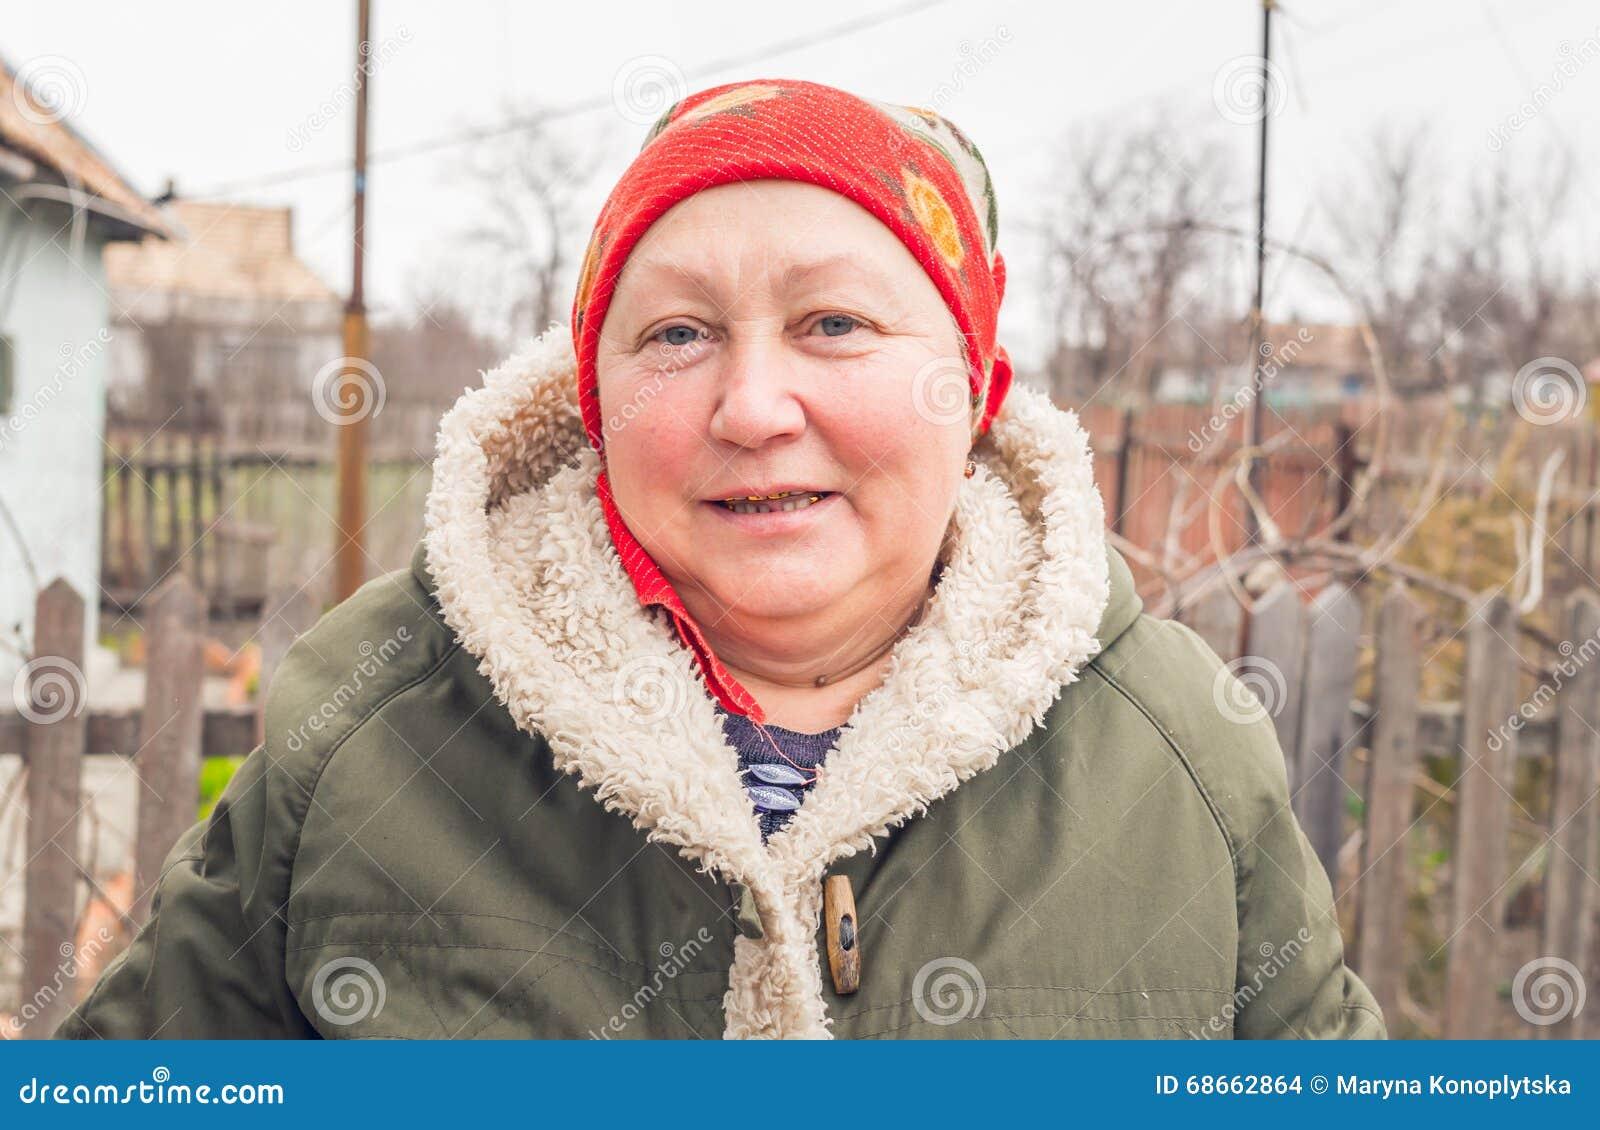 Фотографии русских женщин в деревне, откуканили во все дырки